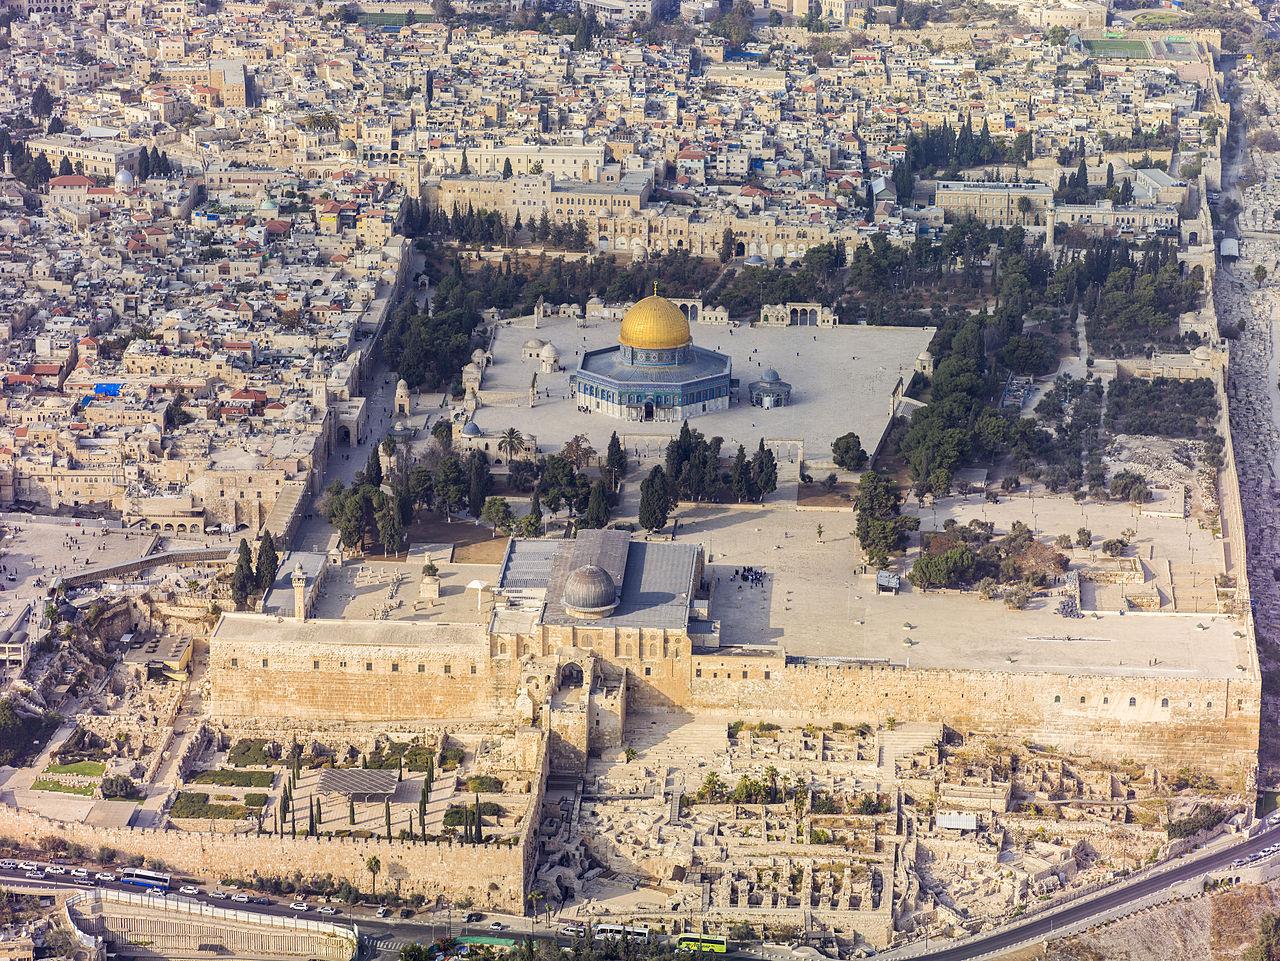 Jerusalem Real Estate Issues